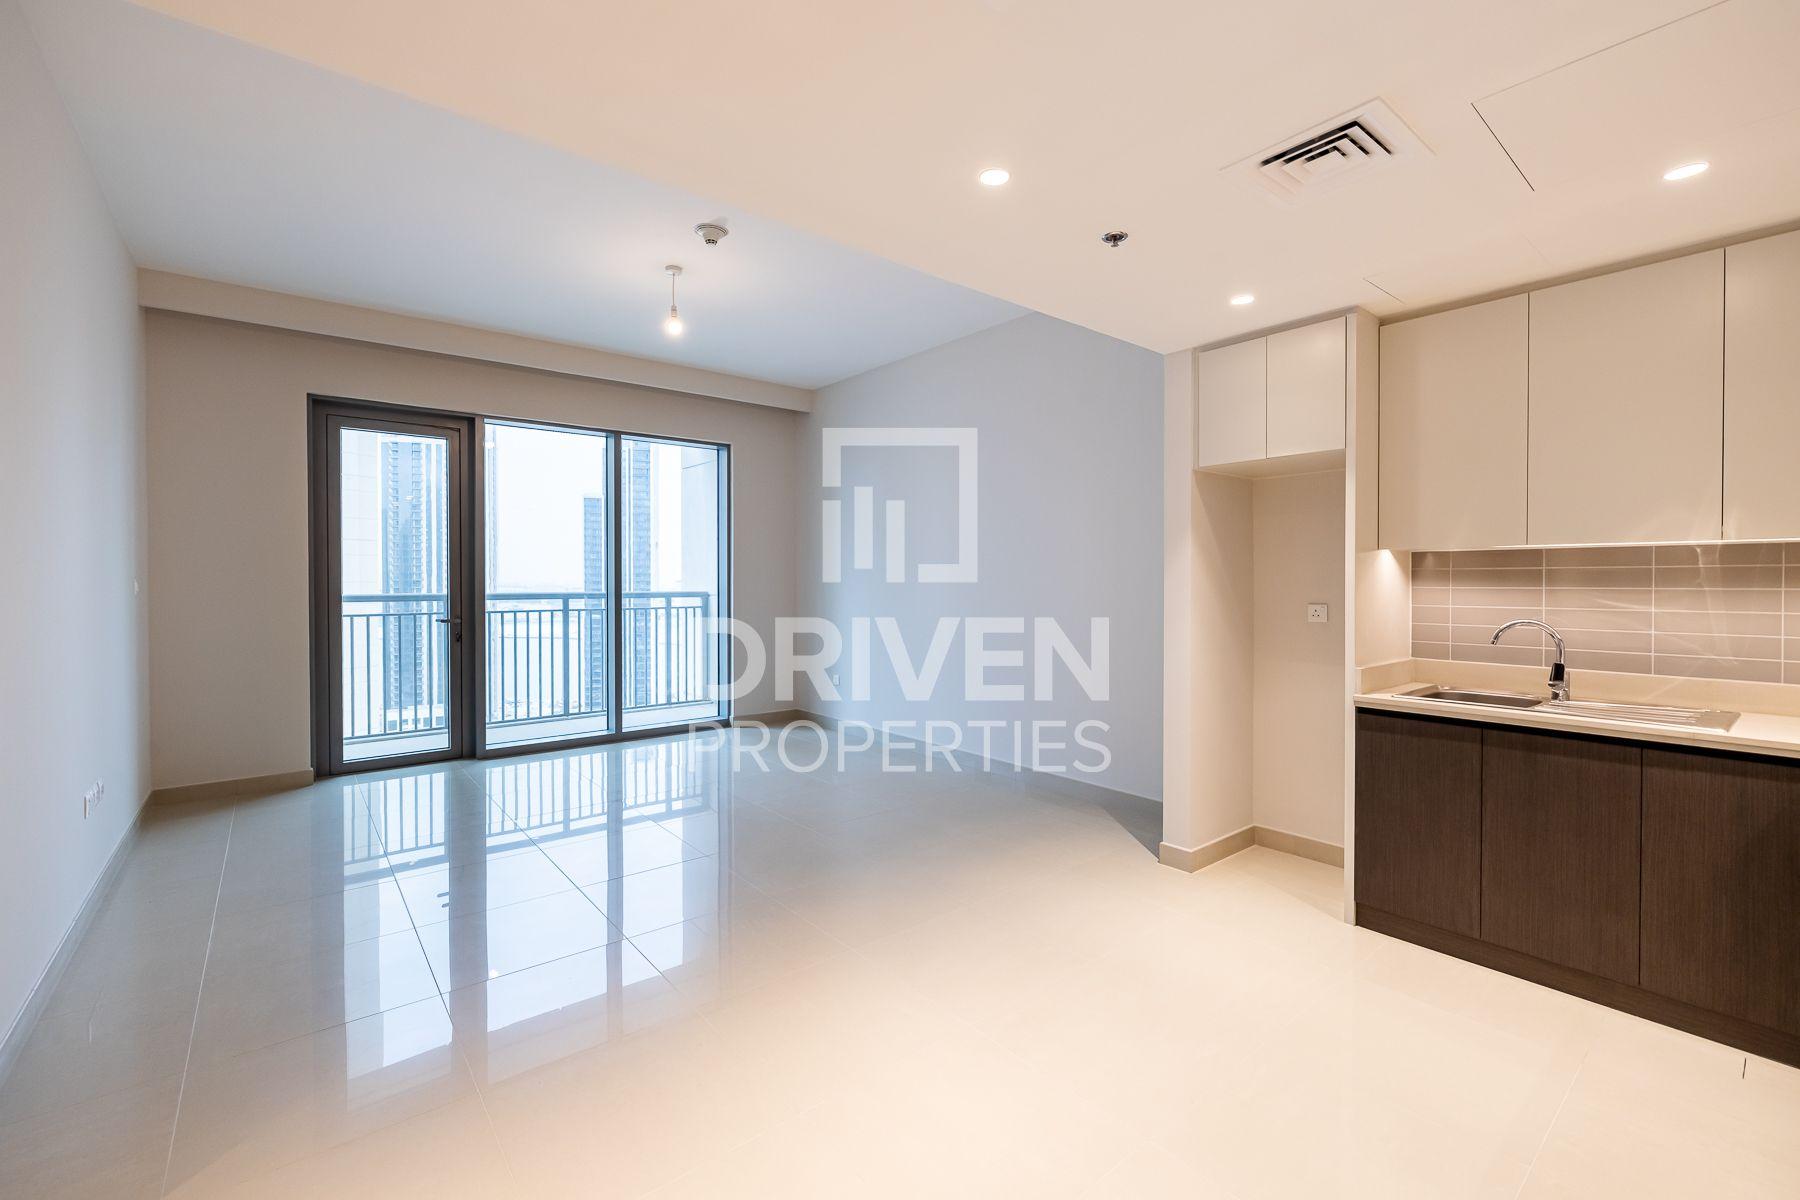 709 قدم مربع  شقة - للبيع - ميناء خور دبي